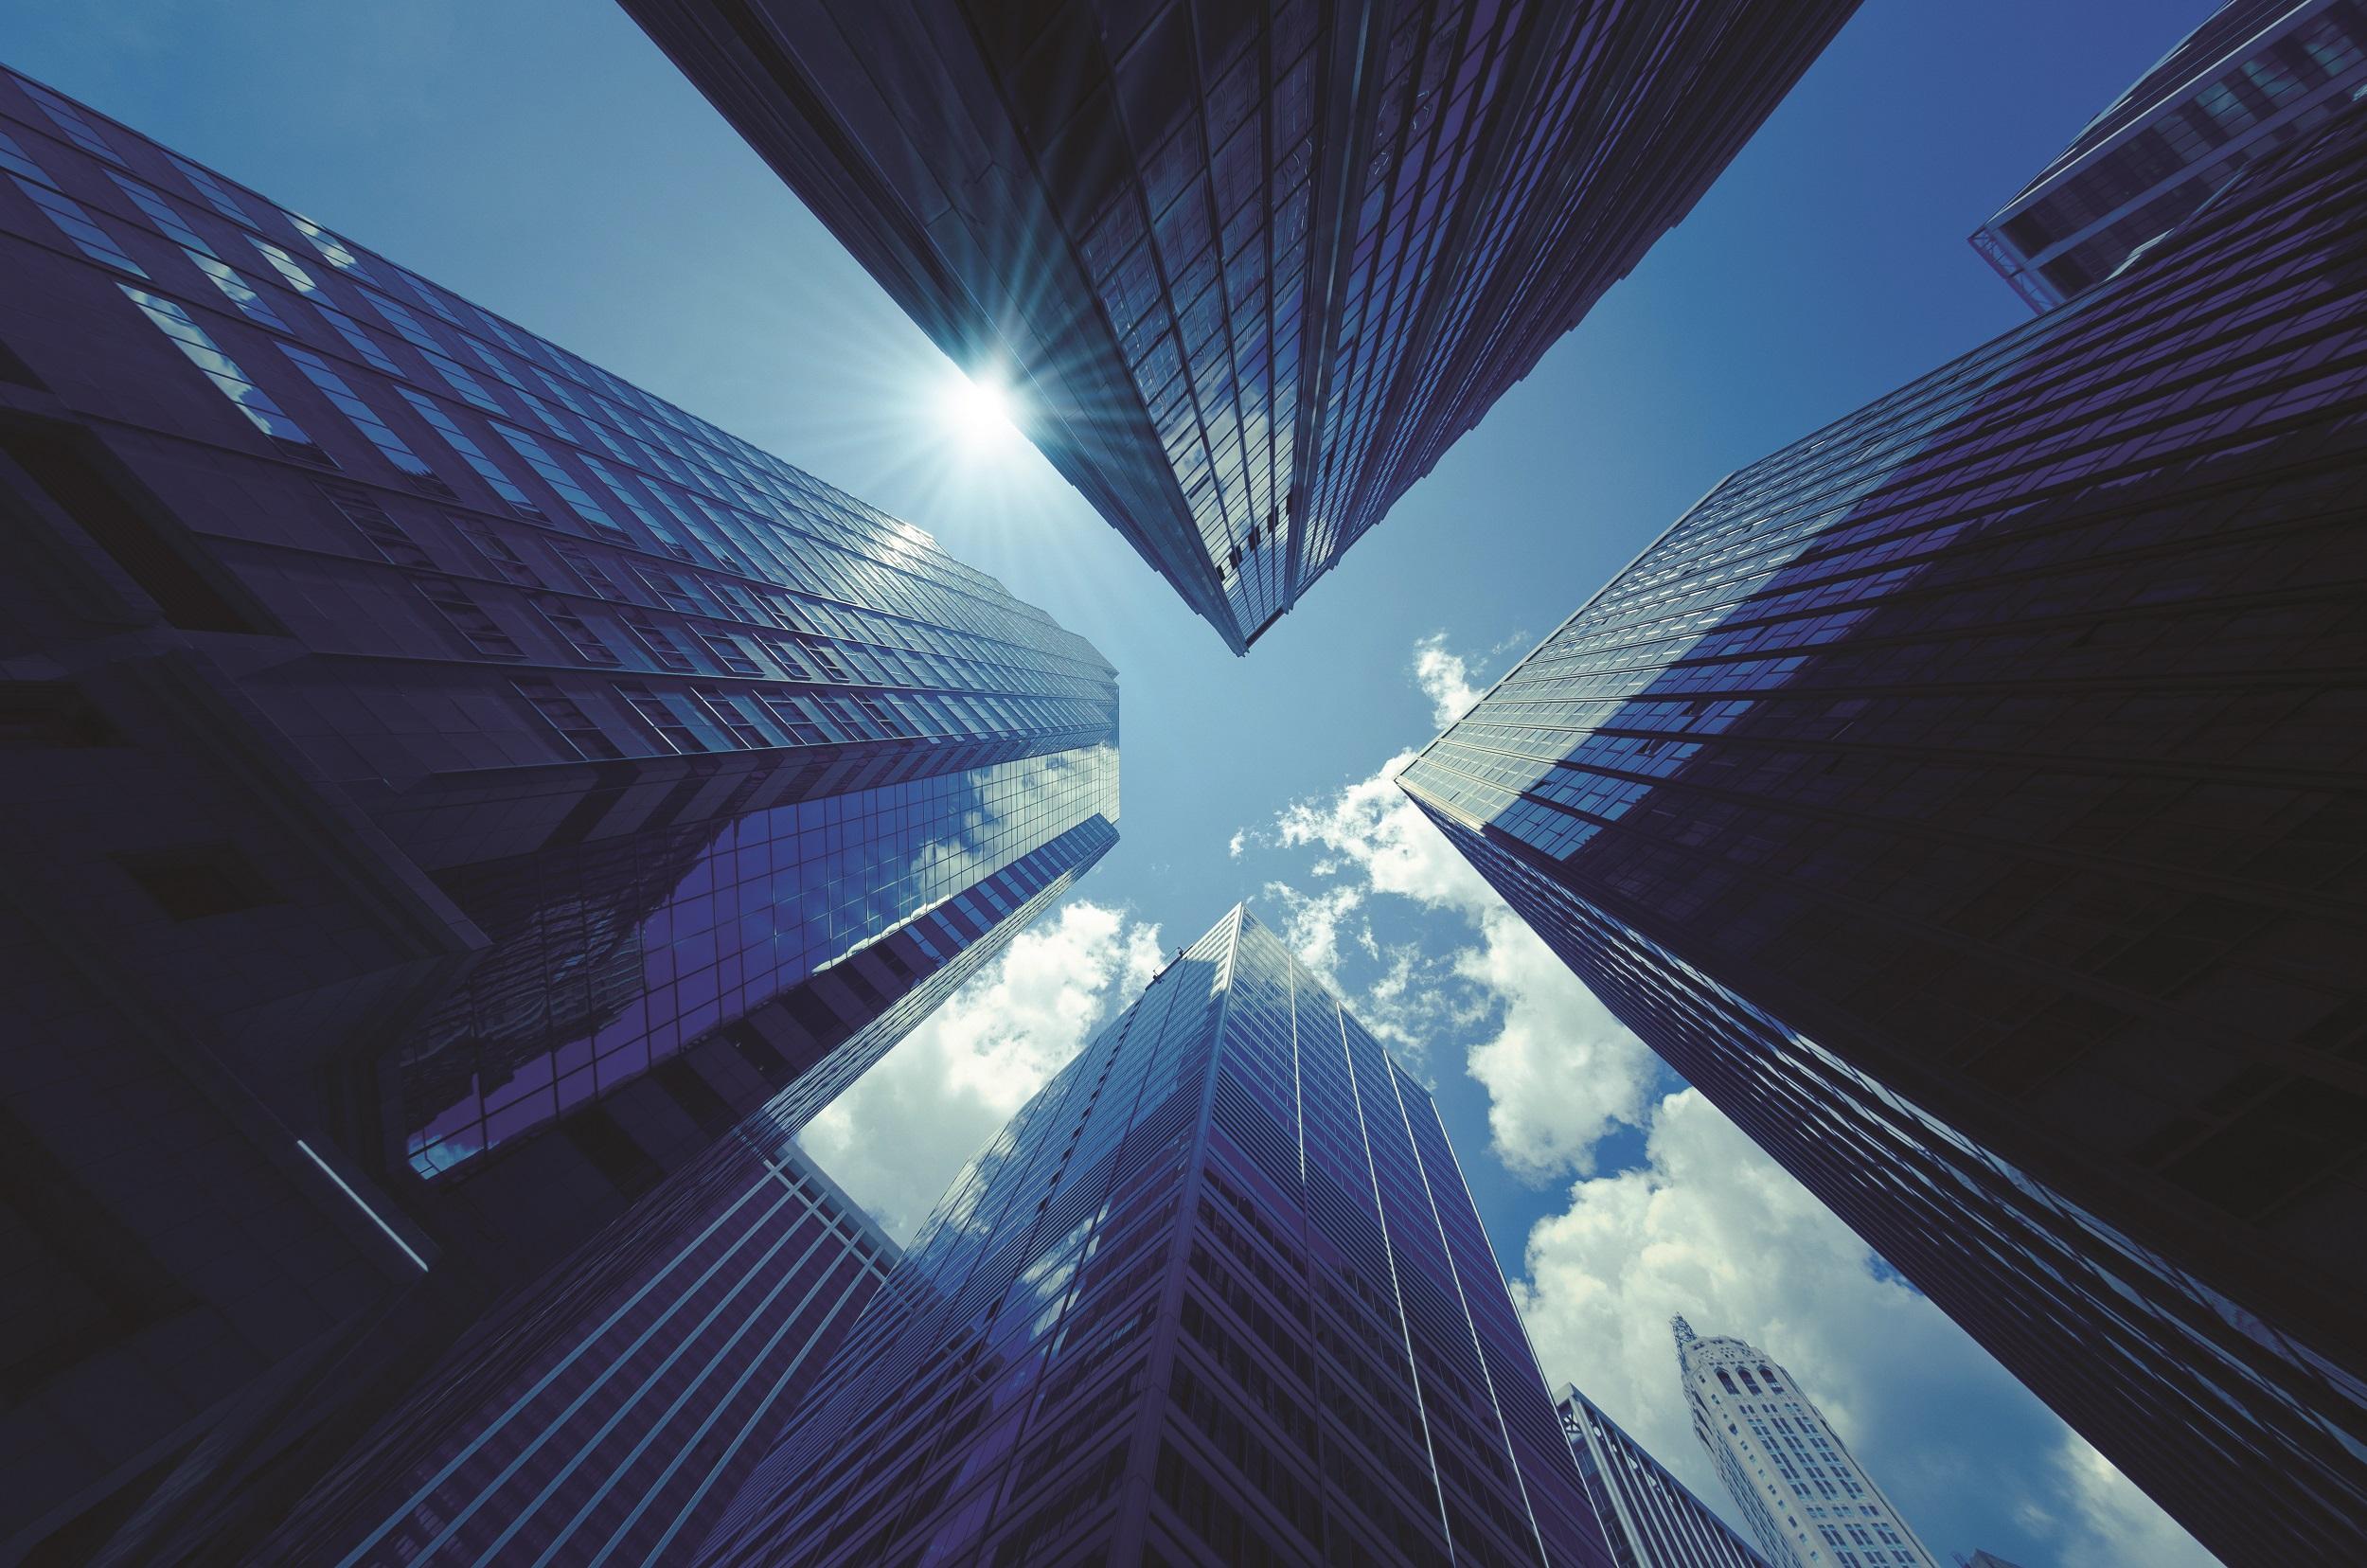 بررسی تأثیر شاخصهای کیفی سود بر بازده اضافی سهام